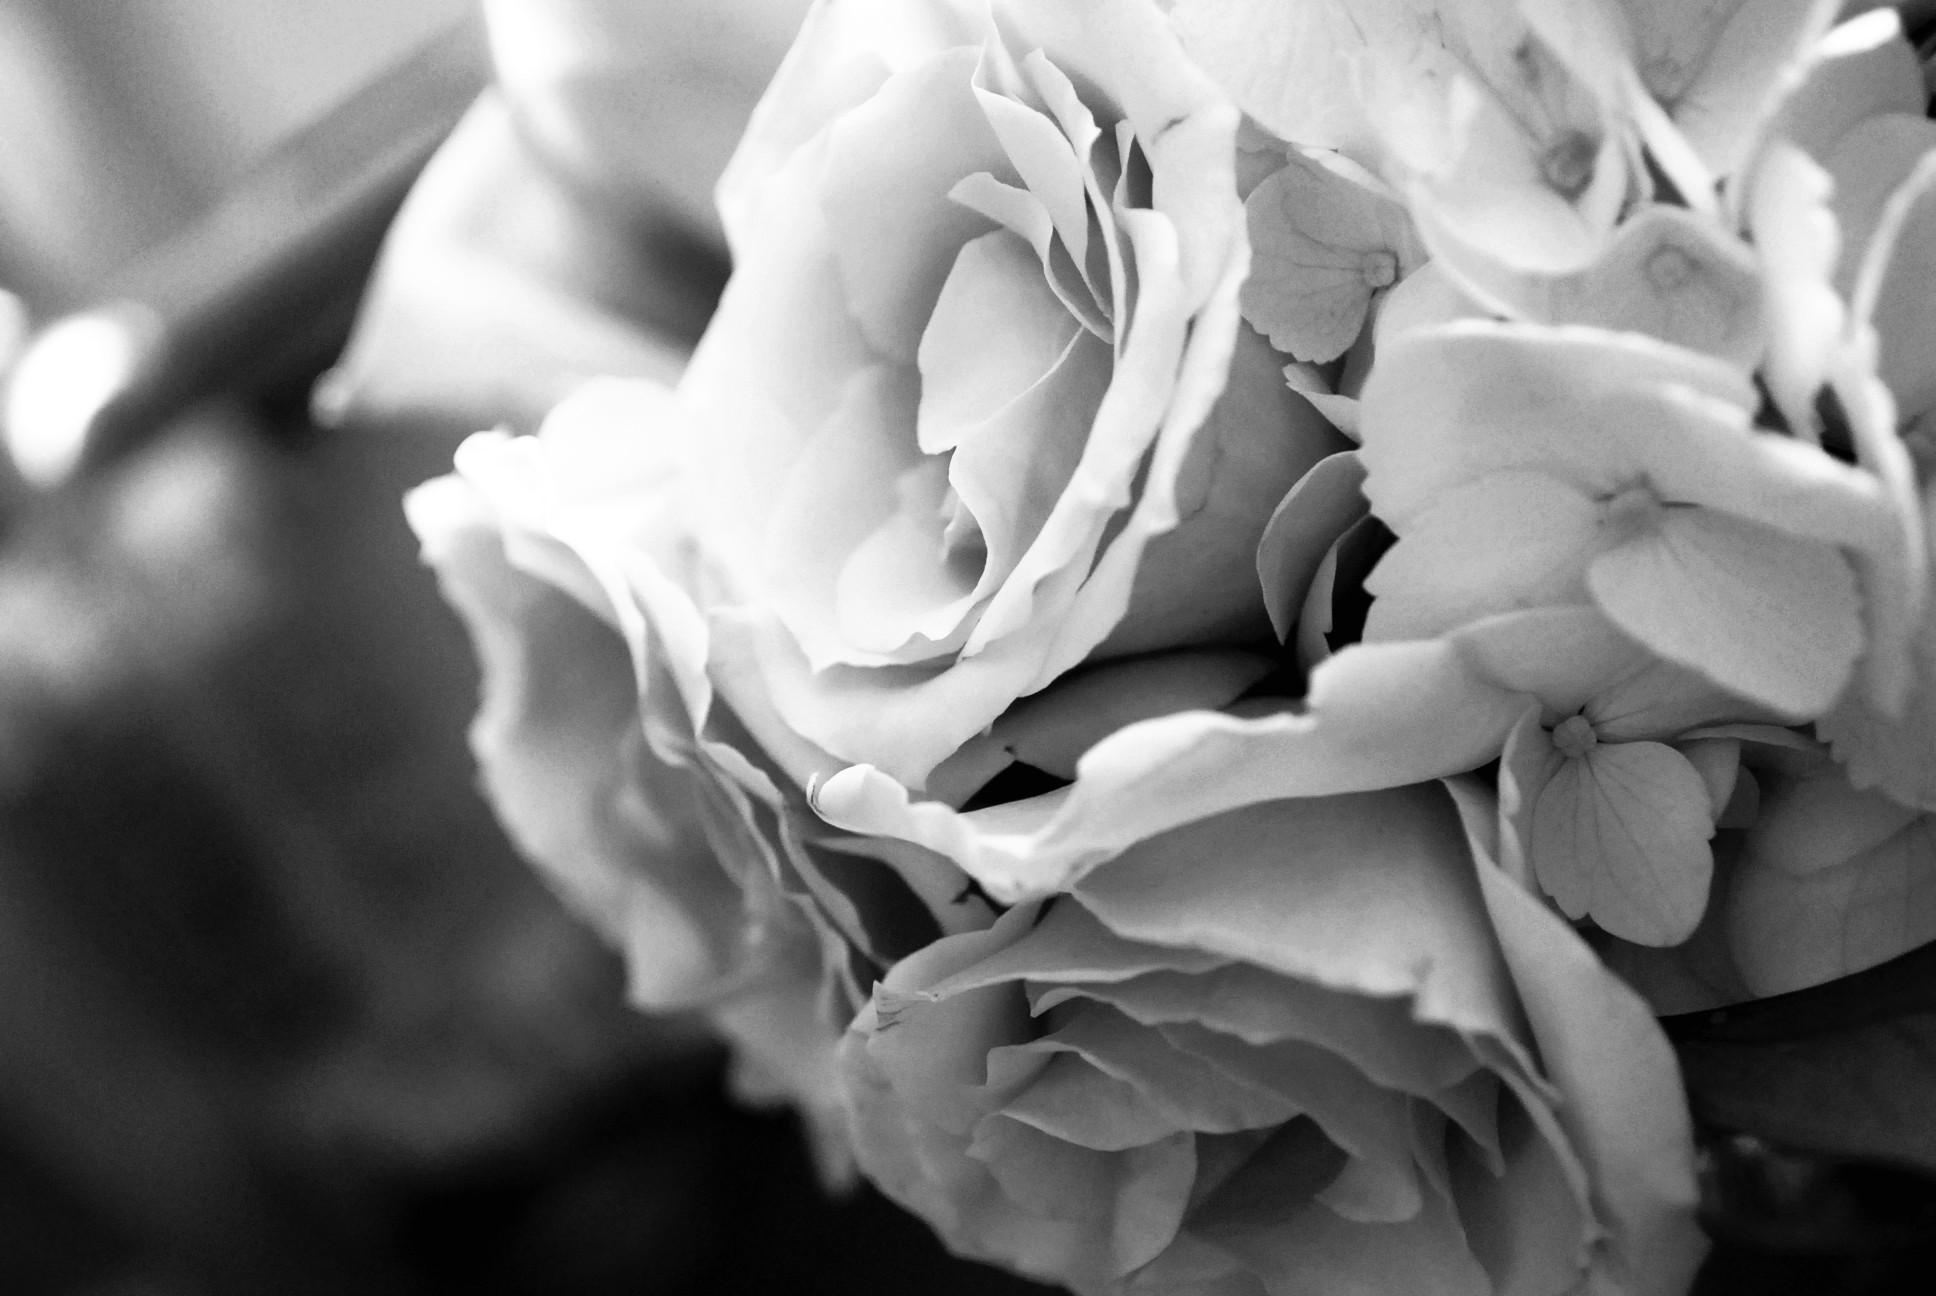 Black and white rose flower wallpaper.